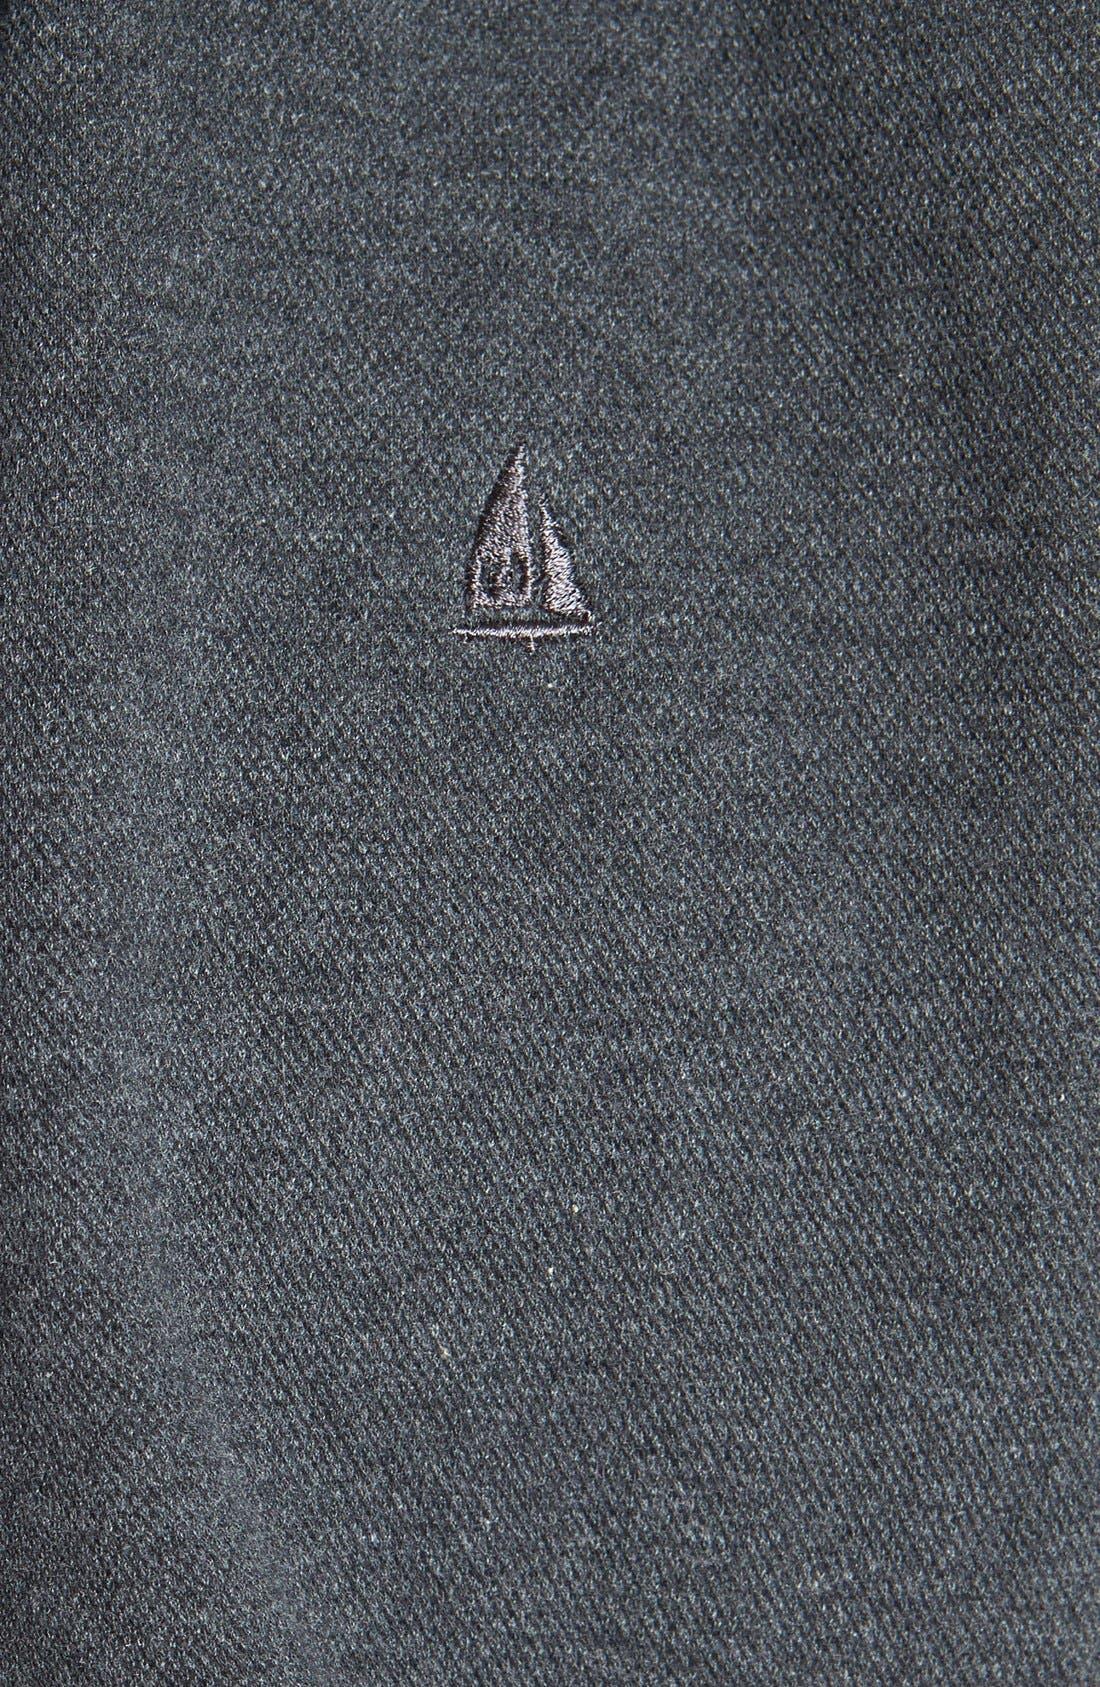 Alternate Image 3  - Nordstrom Full Zip Piqué Knit Hoodie